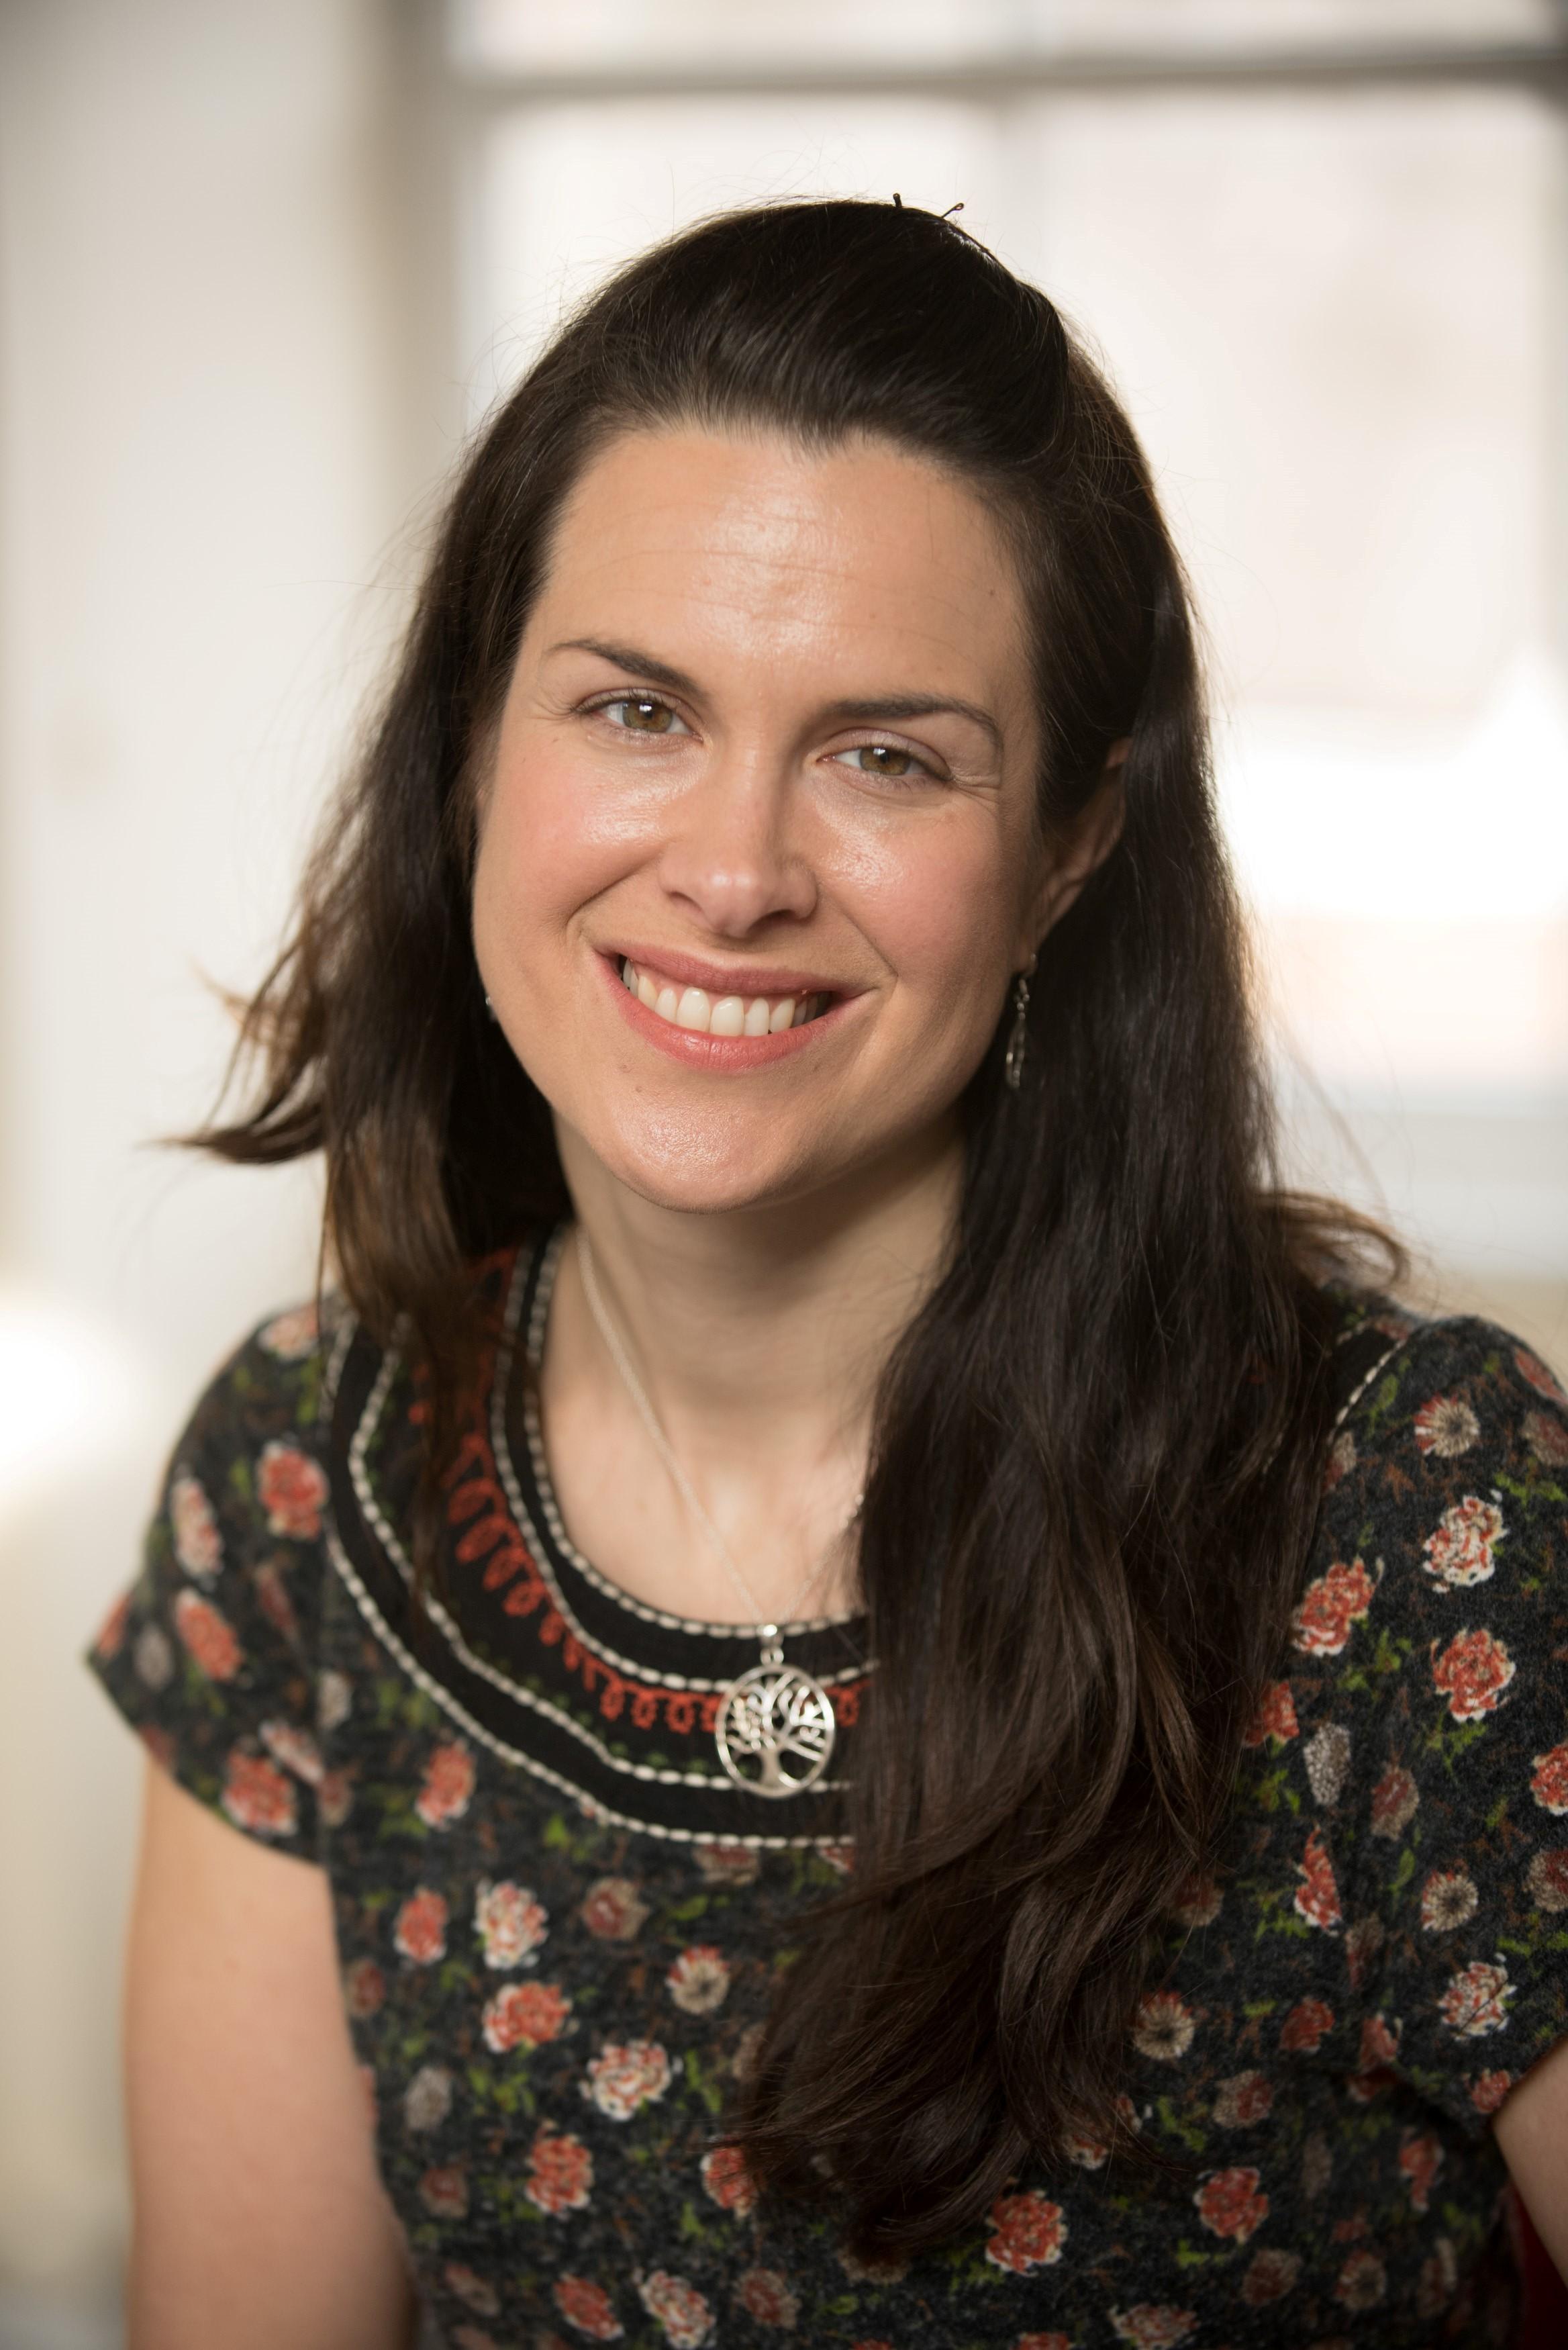 Gemma Seller